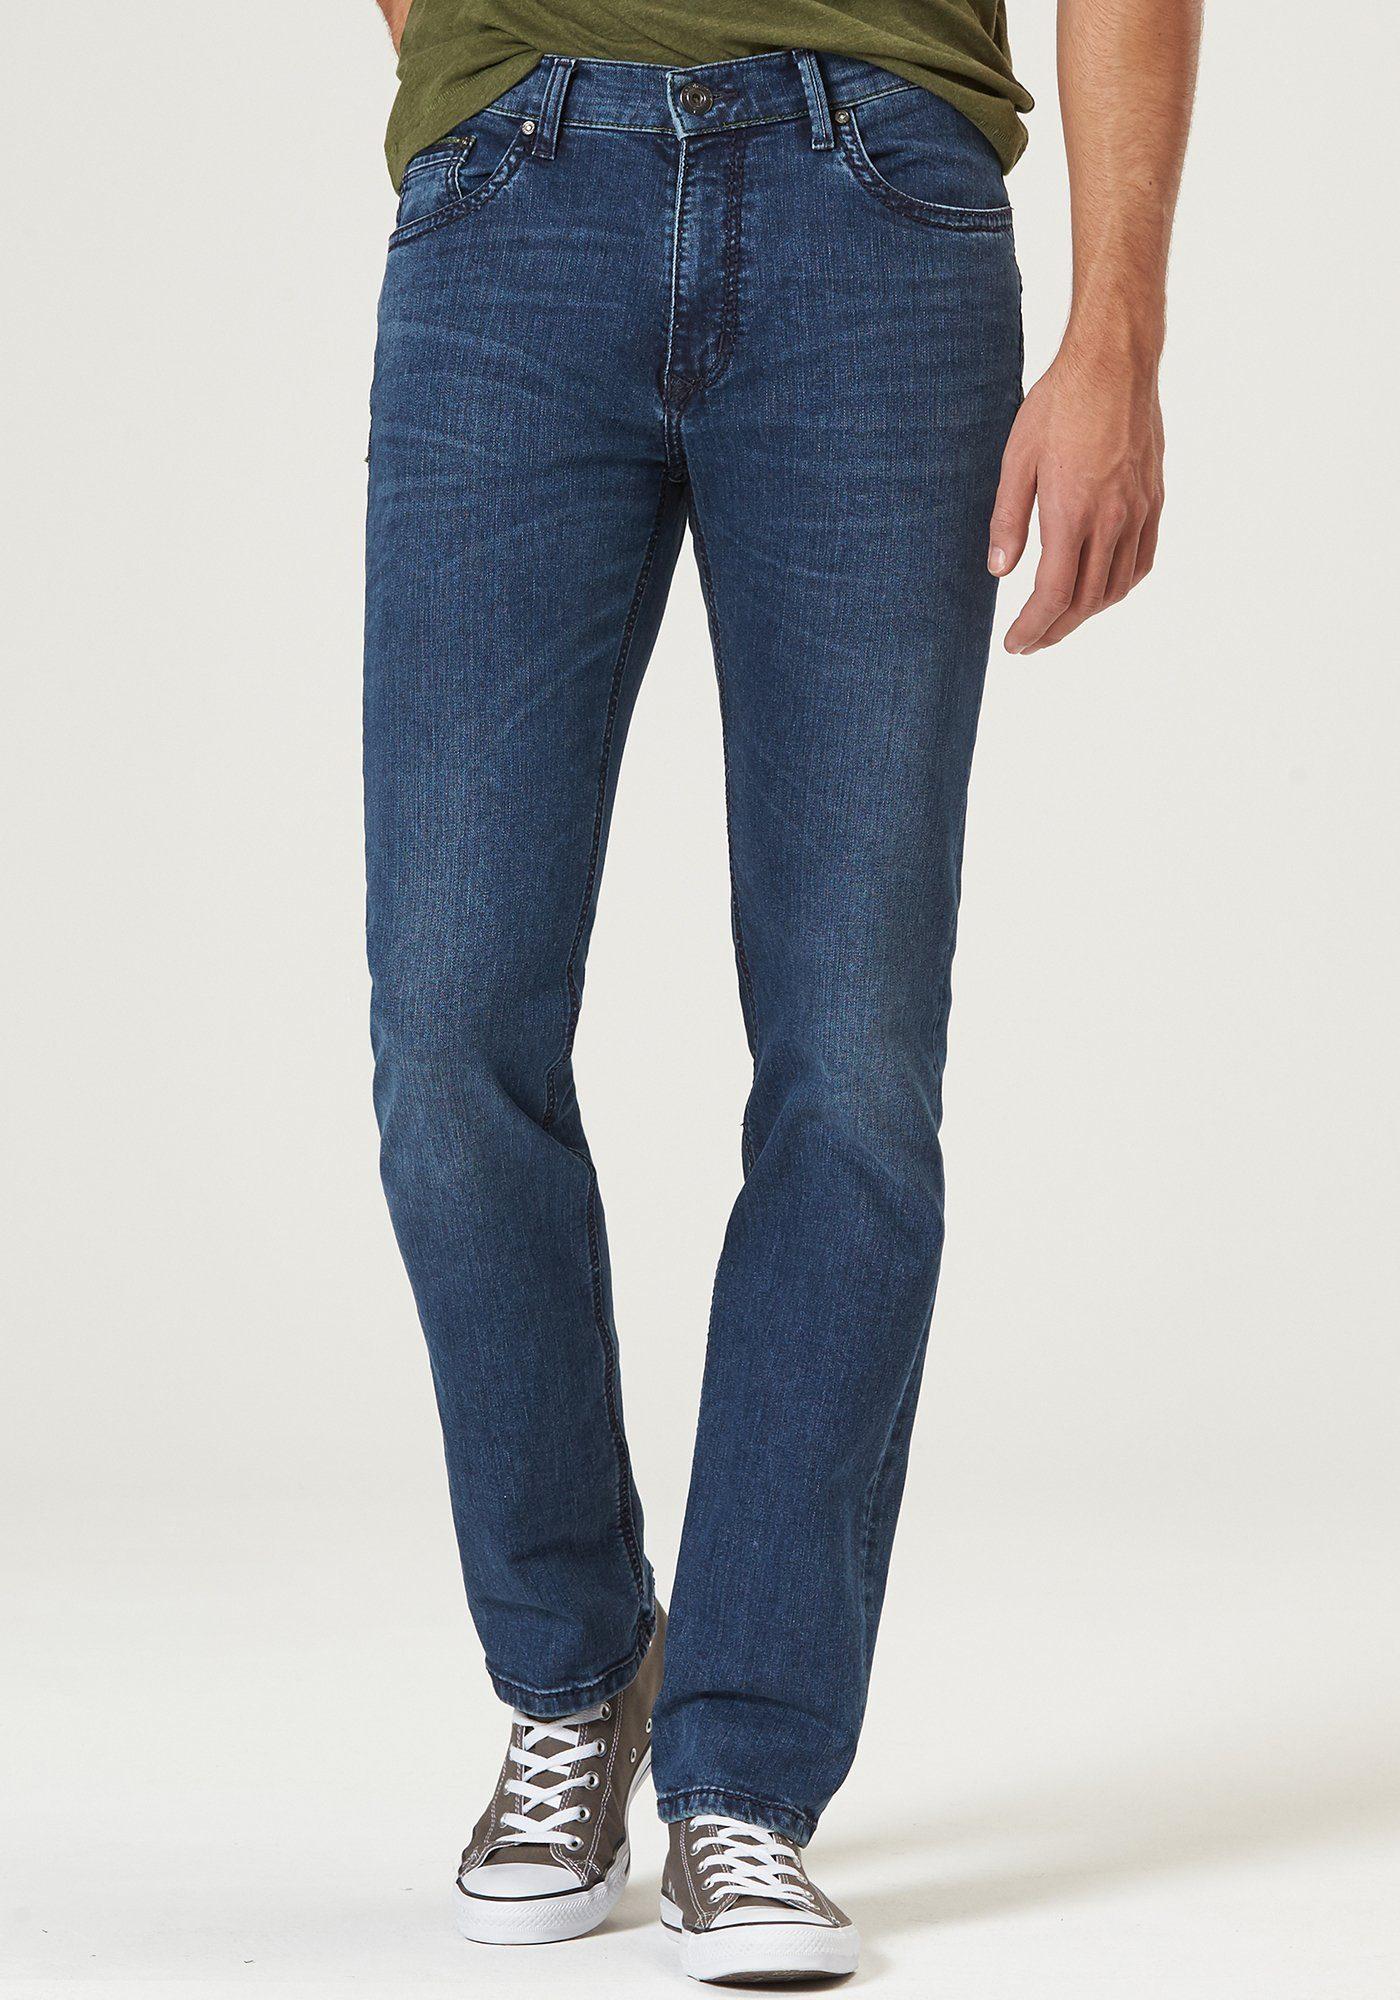 Lichte Spijkerbroek Heren : Pioneer jeans heren handcrafted rando« vind je bij otto